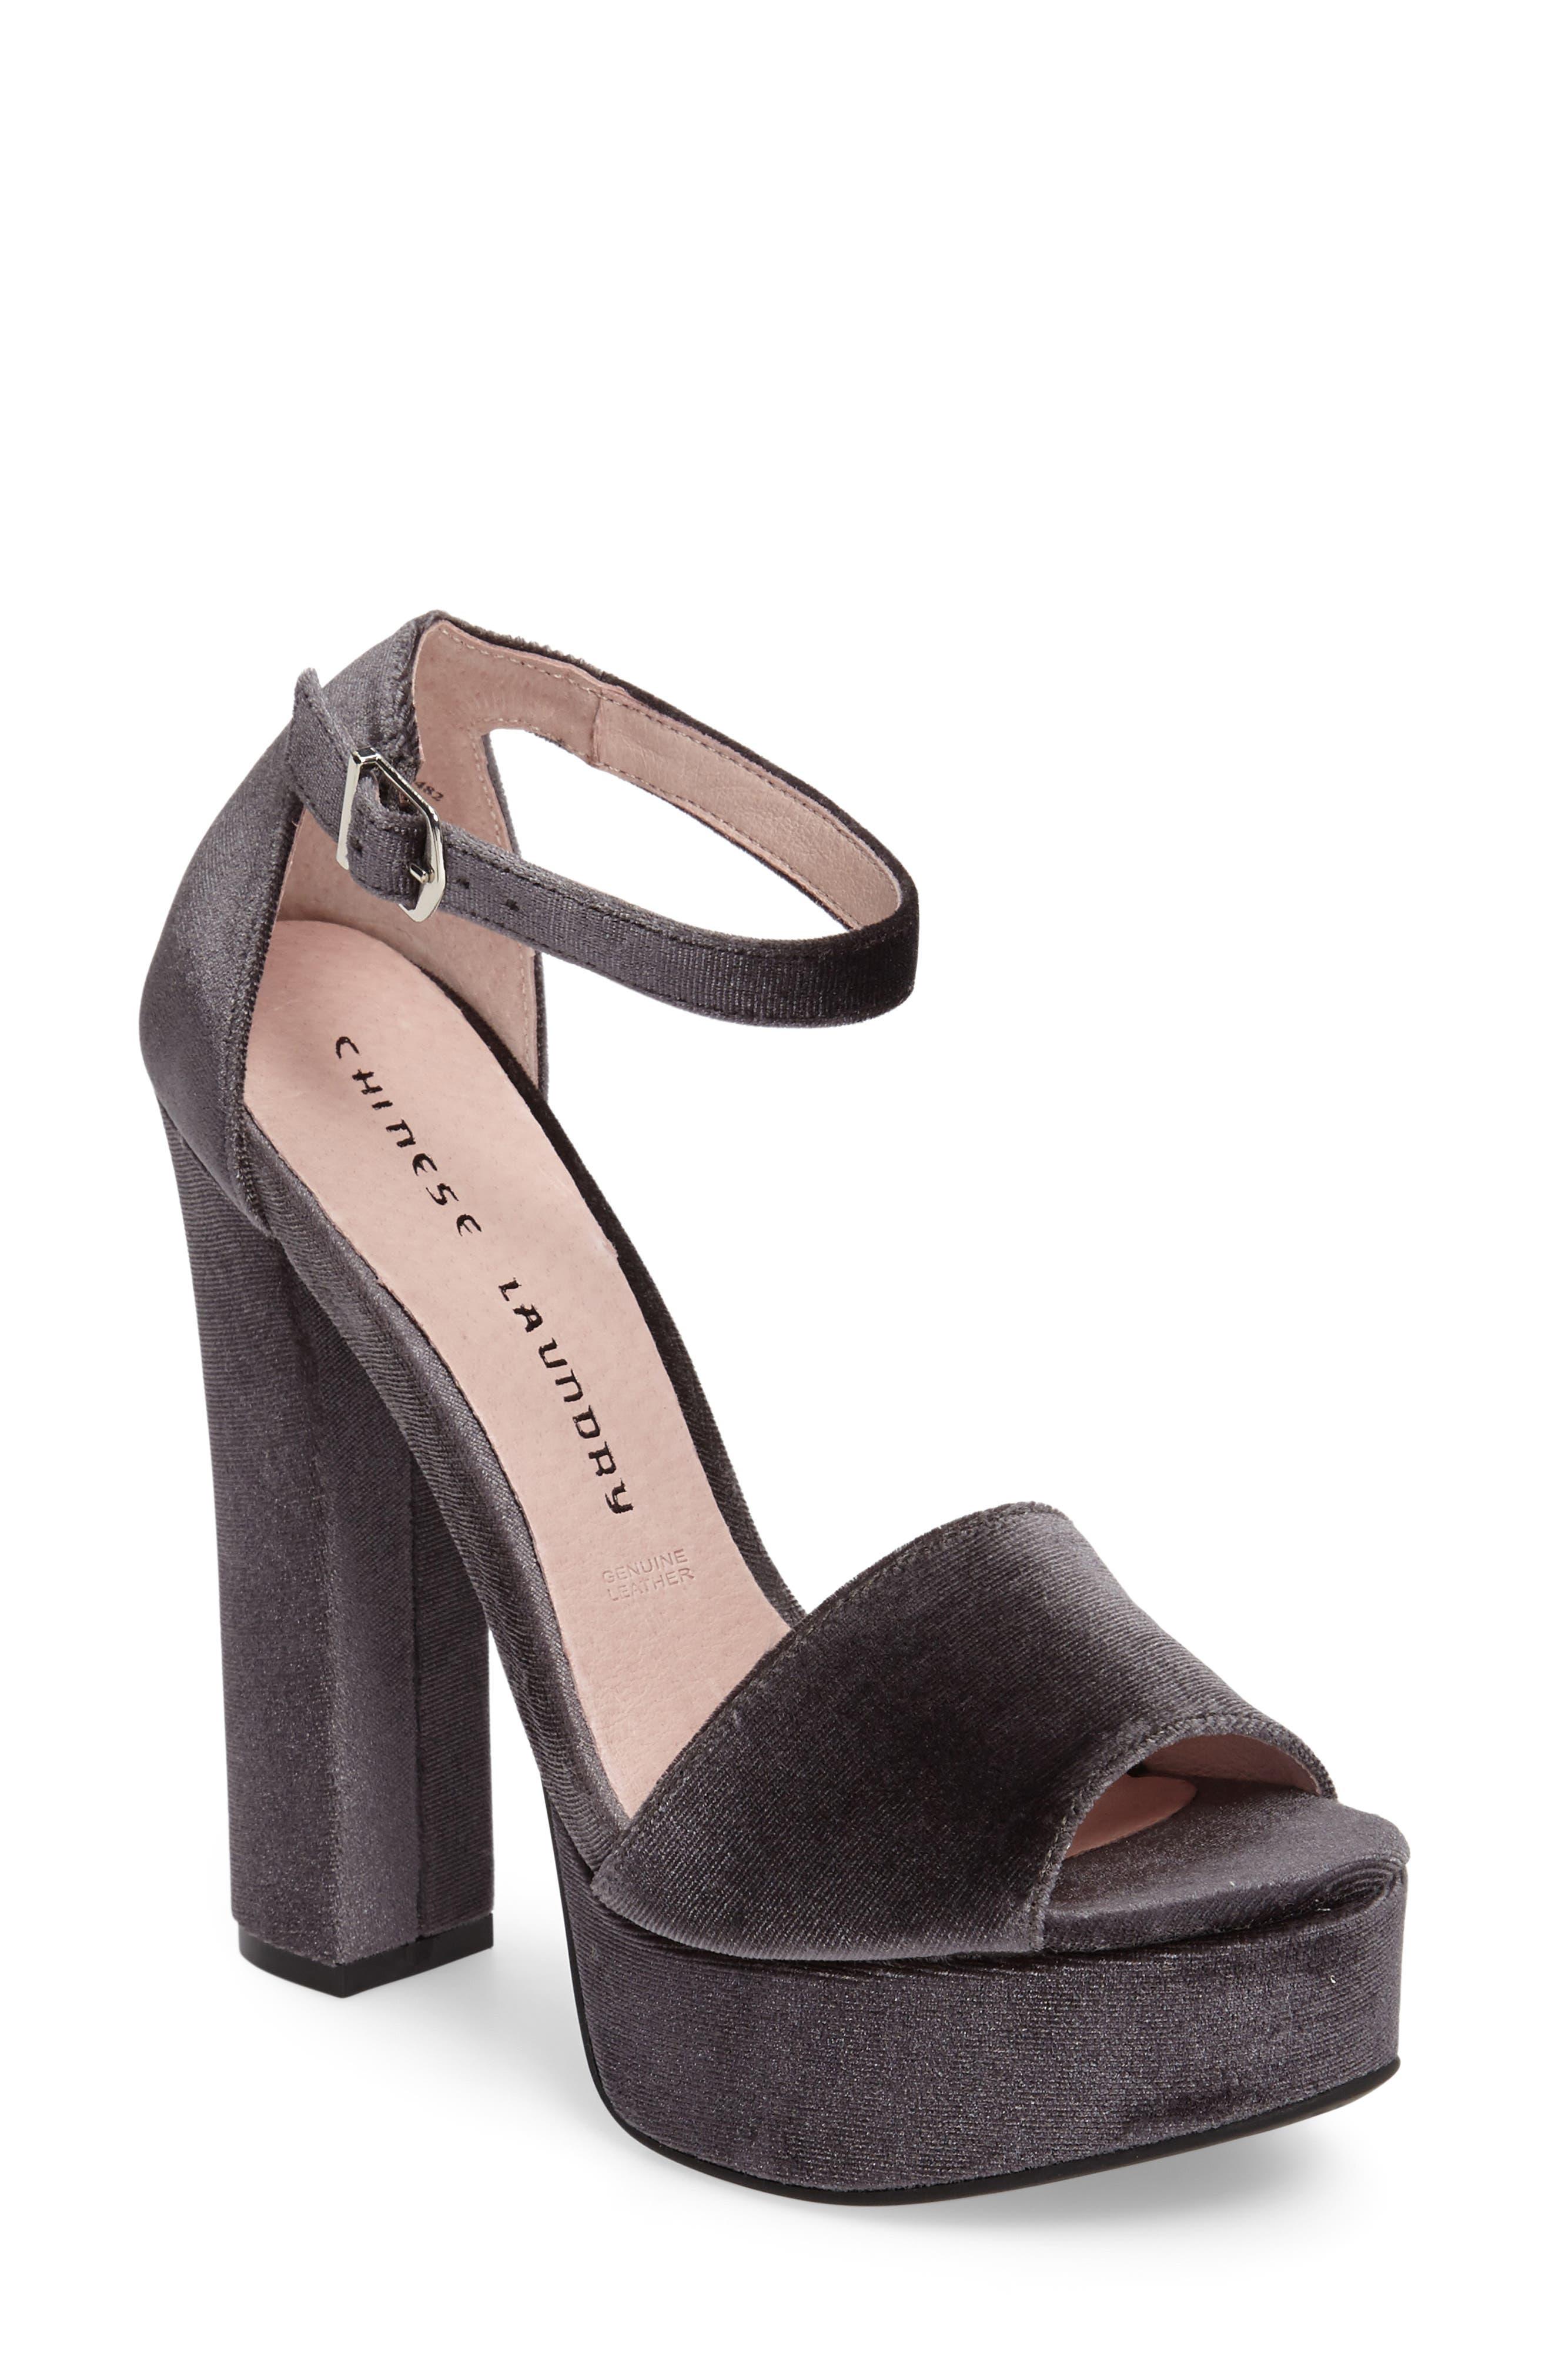 Ace Platform Sandal,                         Main,                         color, 035